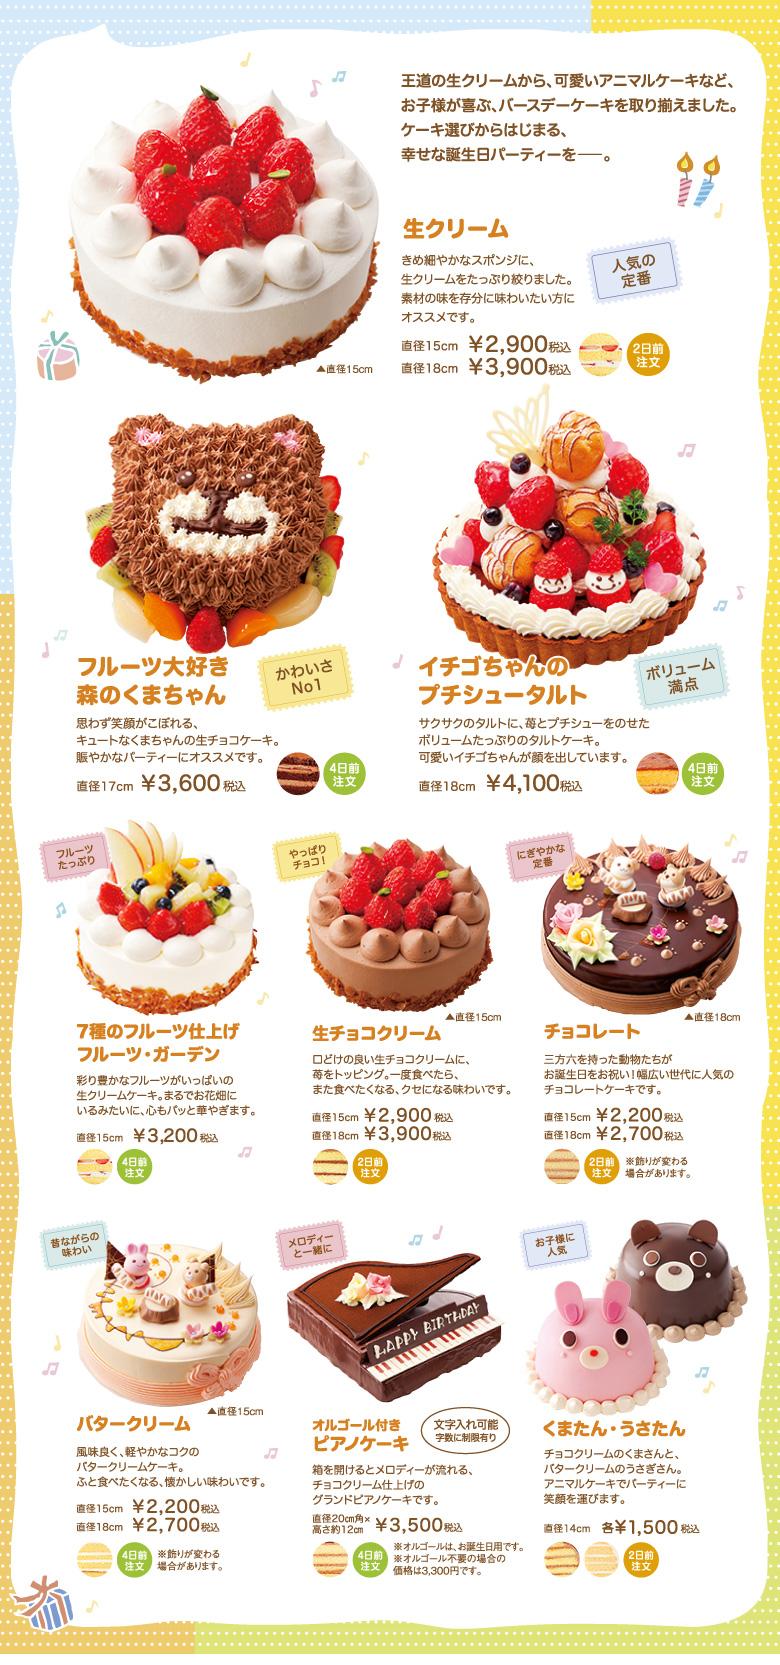 王道の生クリームから、可愛いアニマルケーキなど、お子様が喜ぶ、バースデーケーキを取り揃えました。ケーキ選びからはじまる、幸せな誕生日パーティーを―。